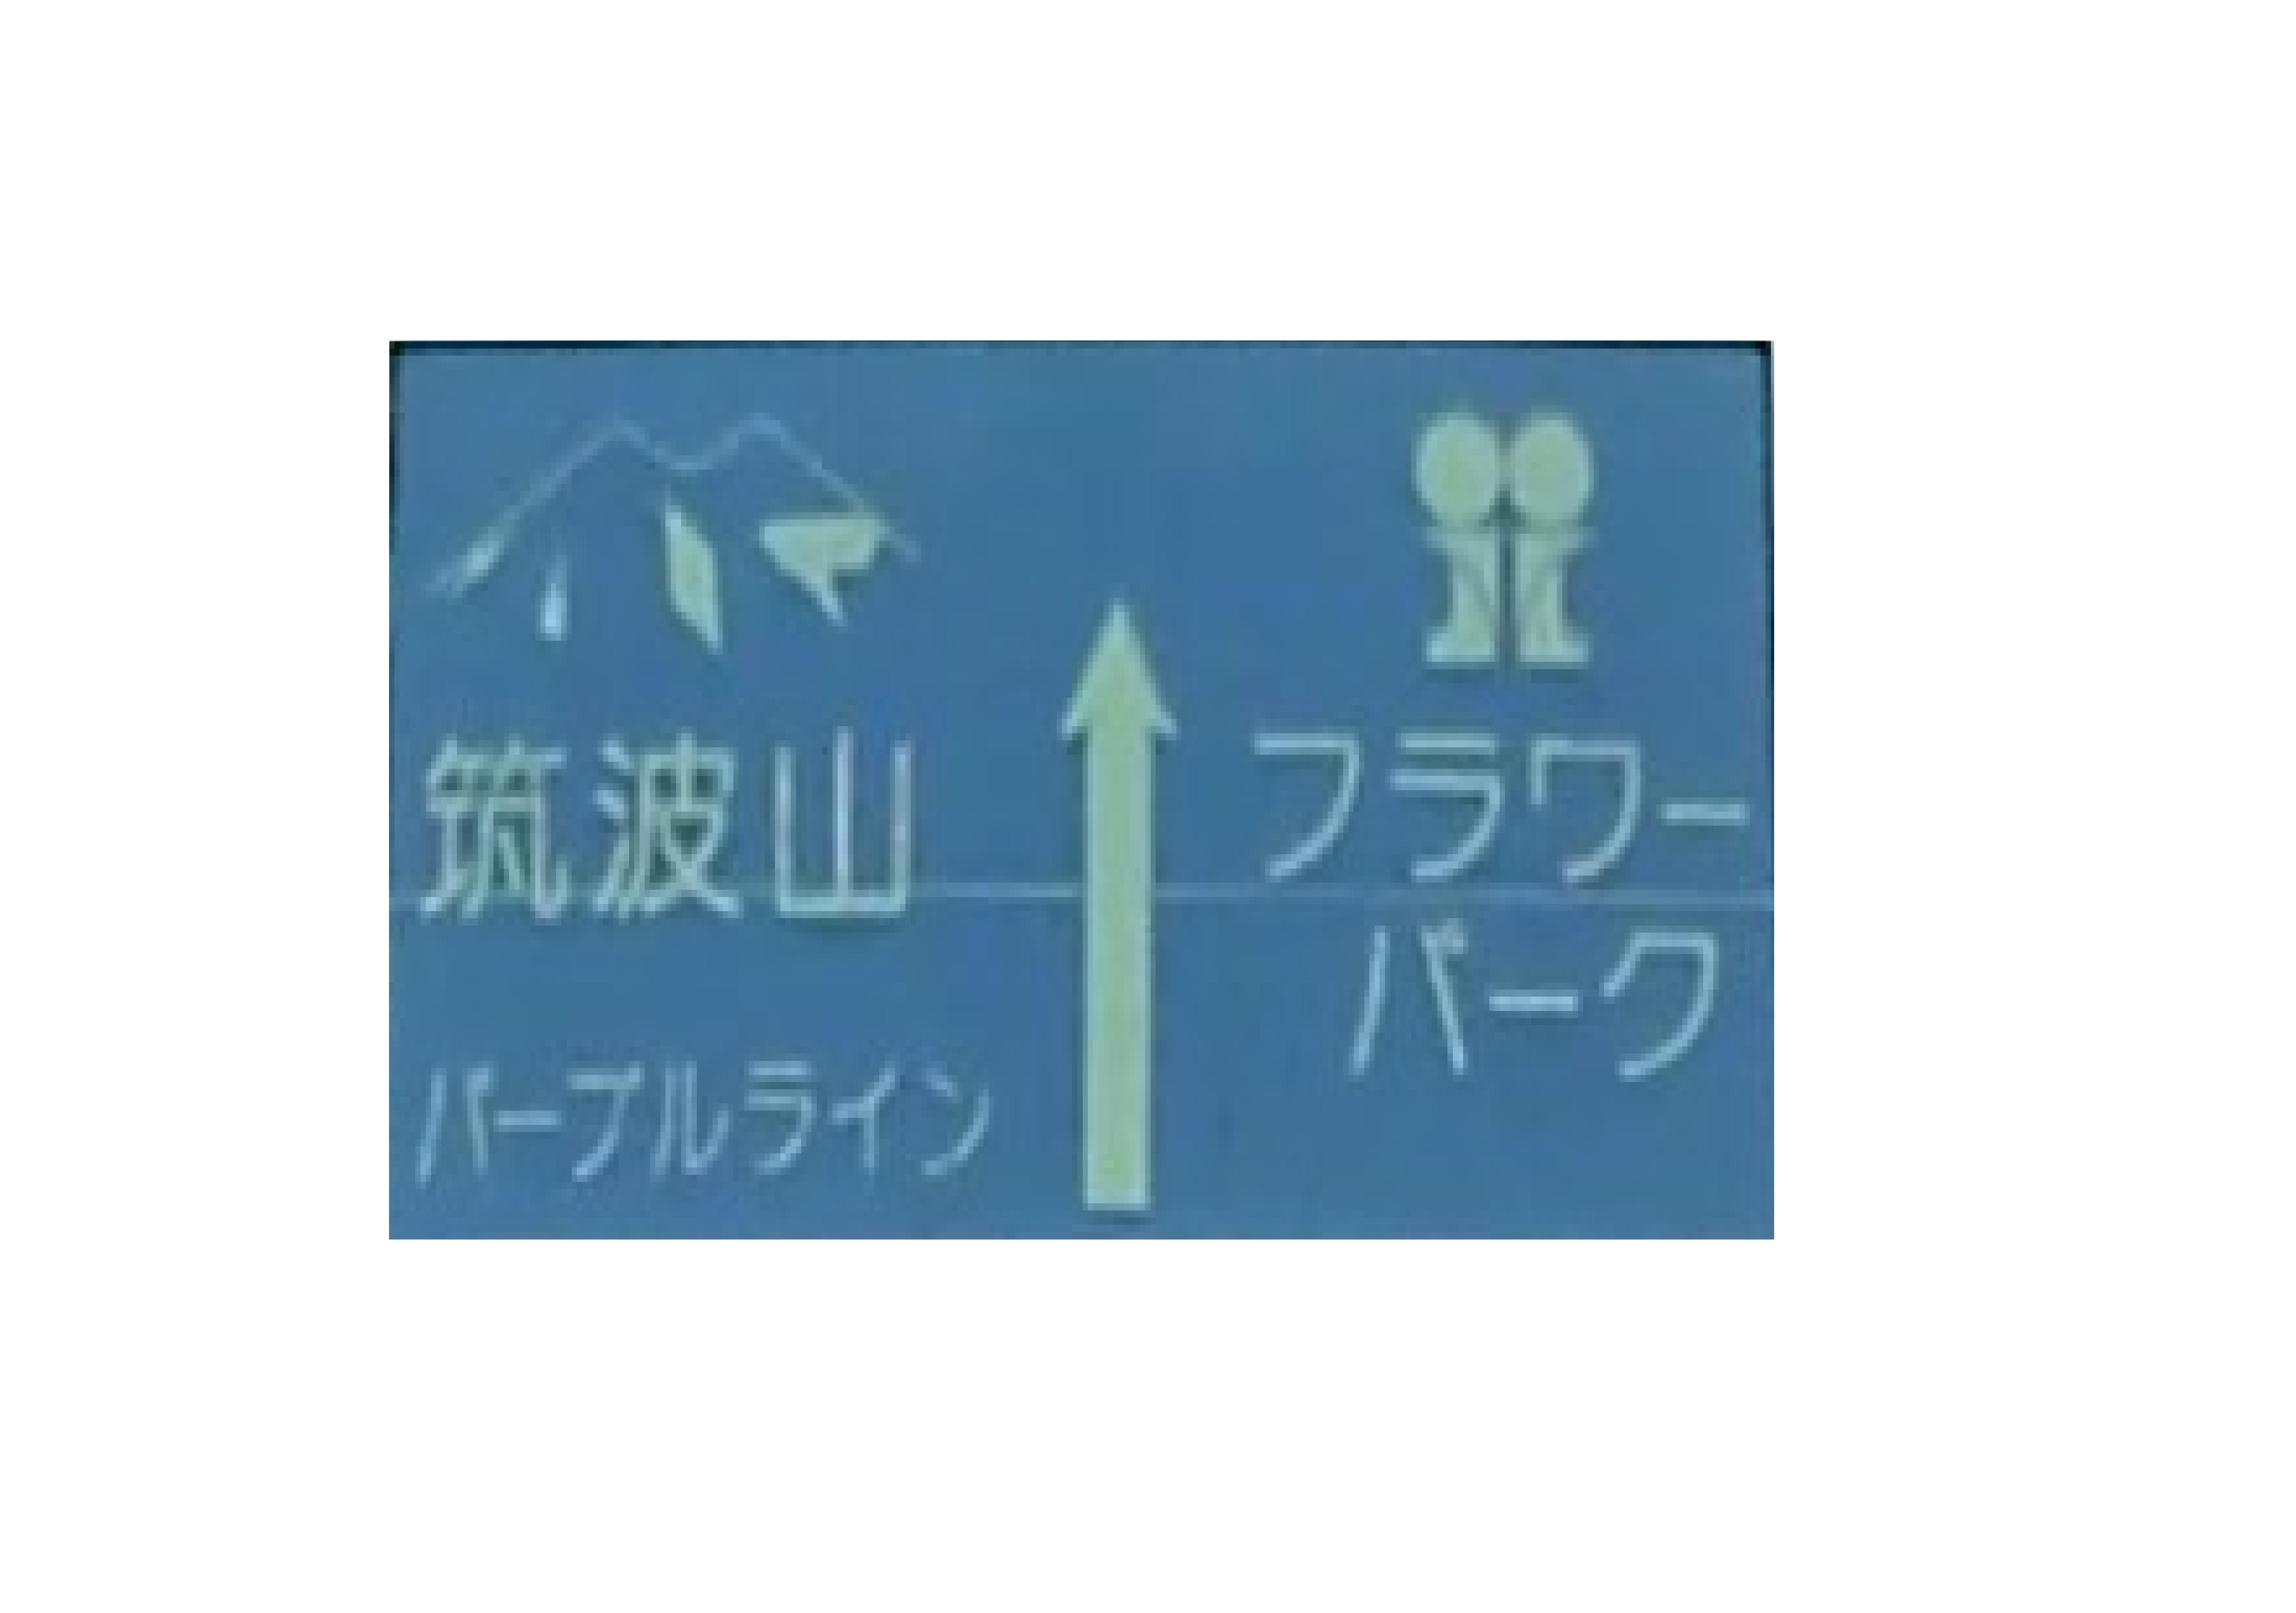 【フルーツライン】茨城の人気No.1峠道へのアクセス道路